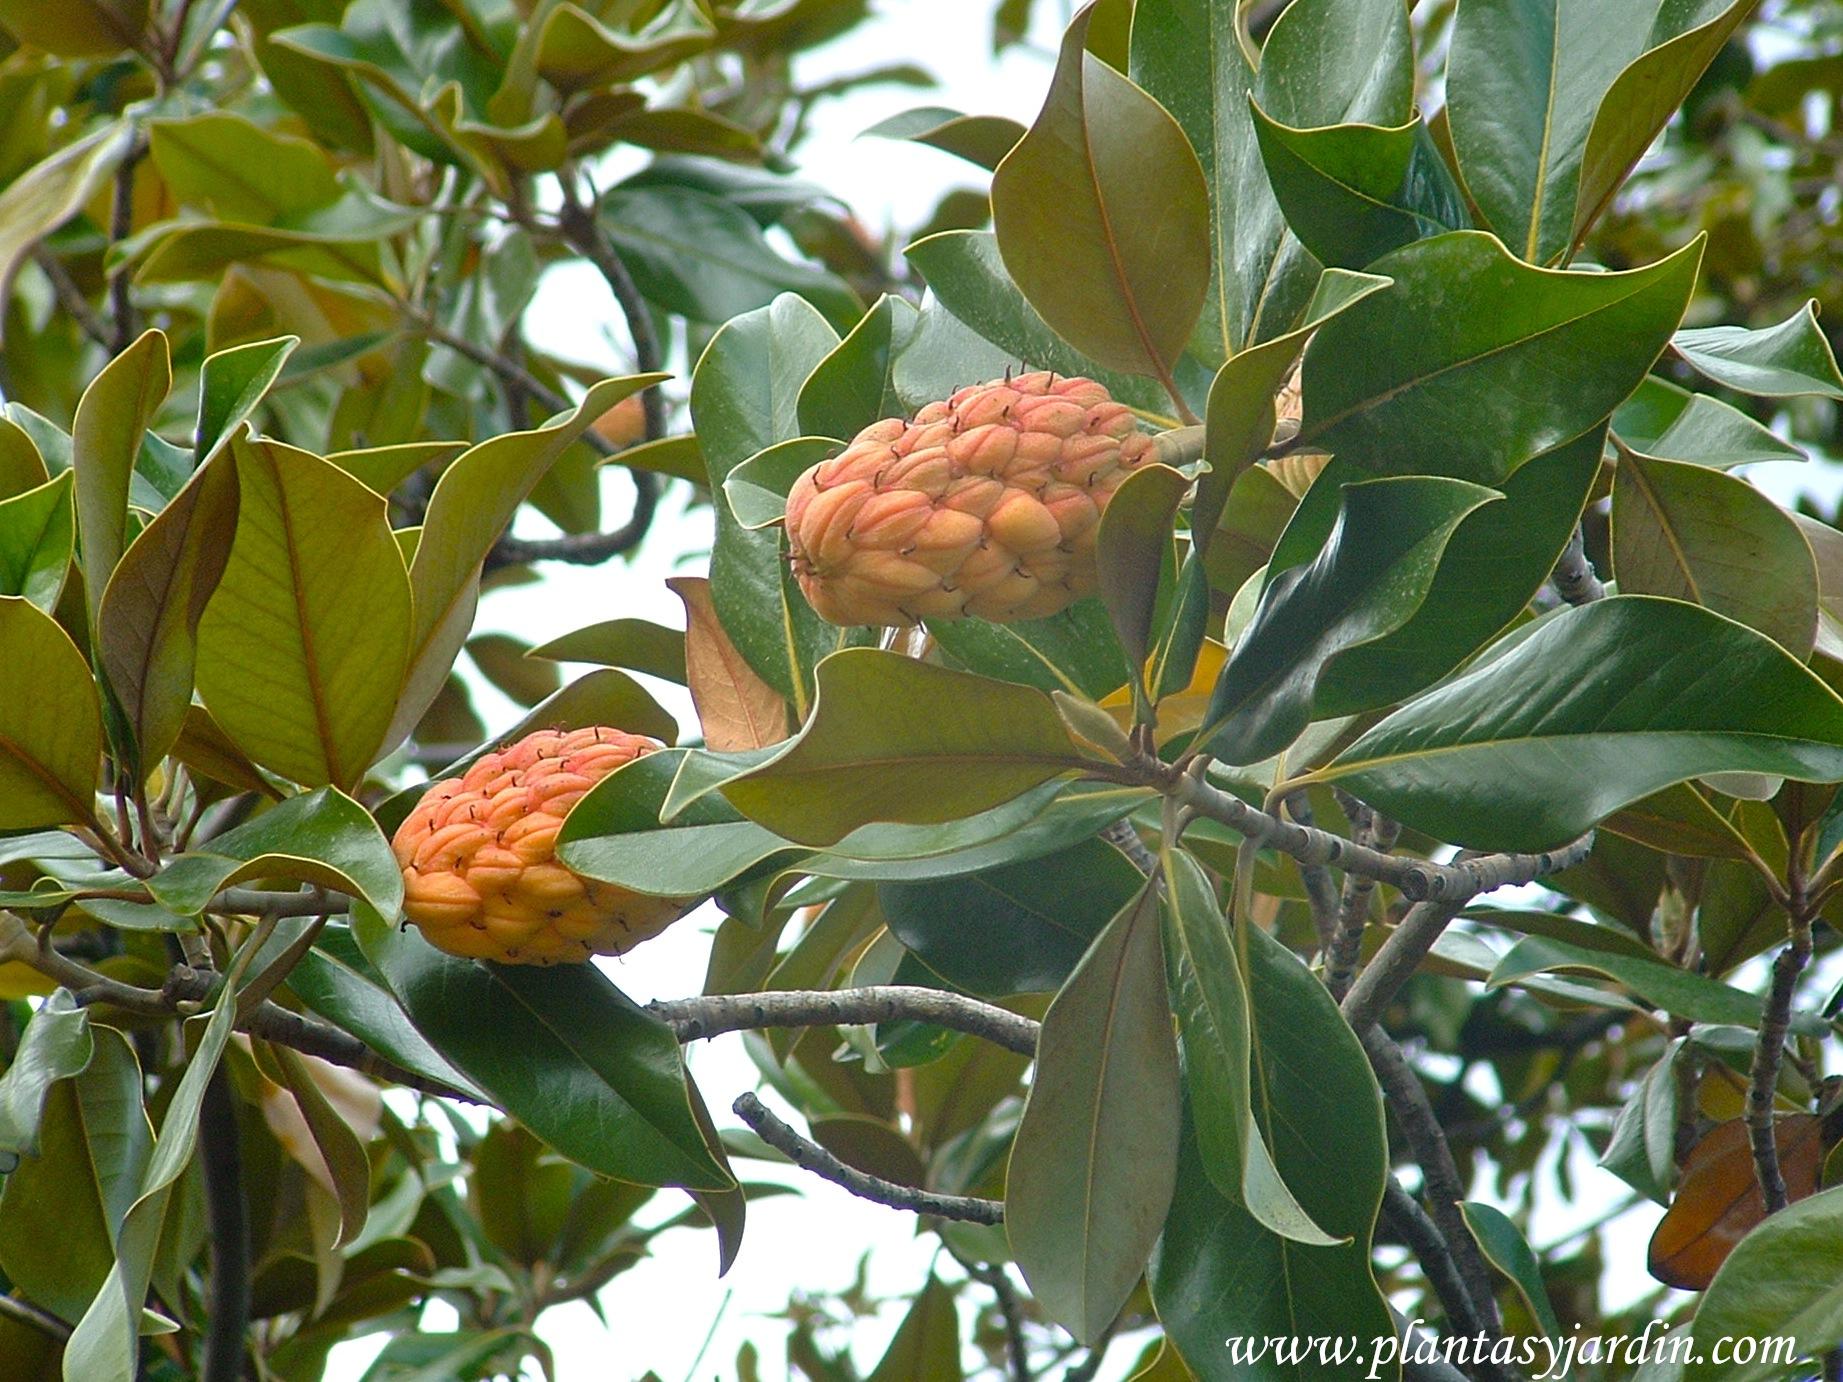 Los frutos en las plantas plantas jard n - Semilla de magnolia ...